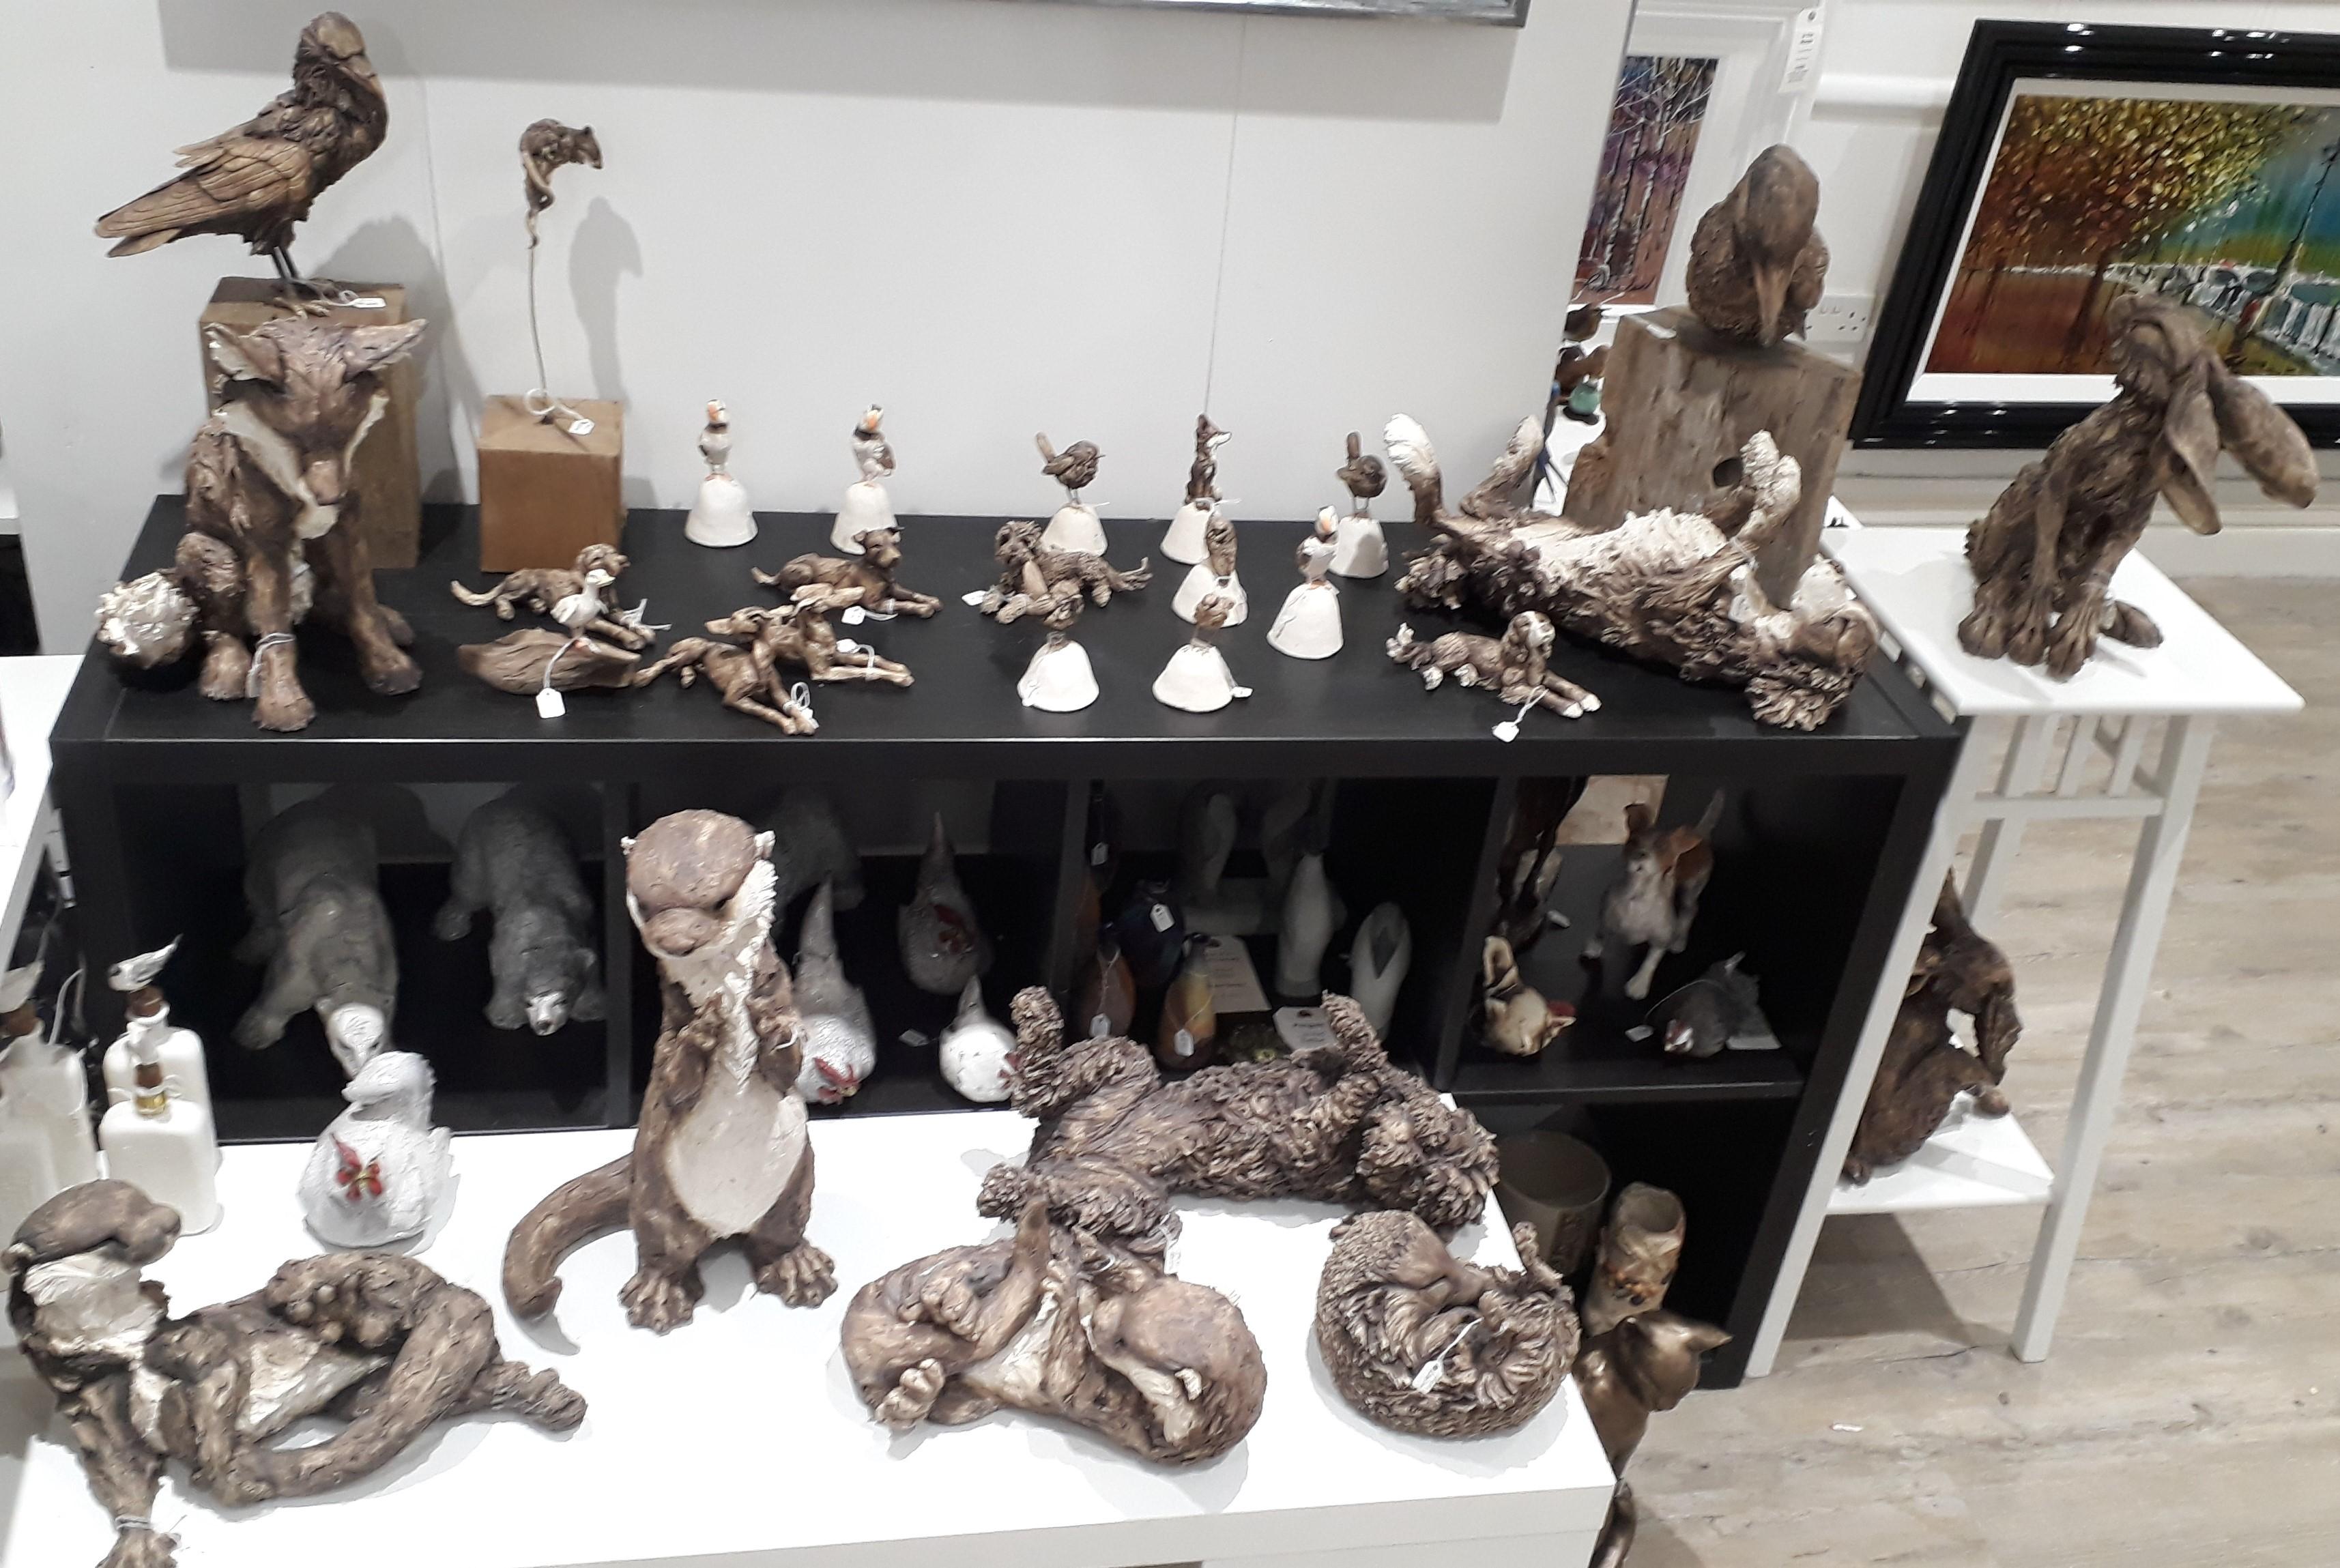 qa19-8-Felicity-lloyd-Coomes-Ceramic-Sculptures-Wildlife